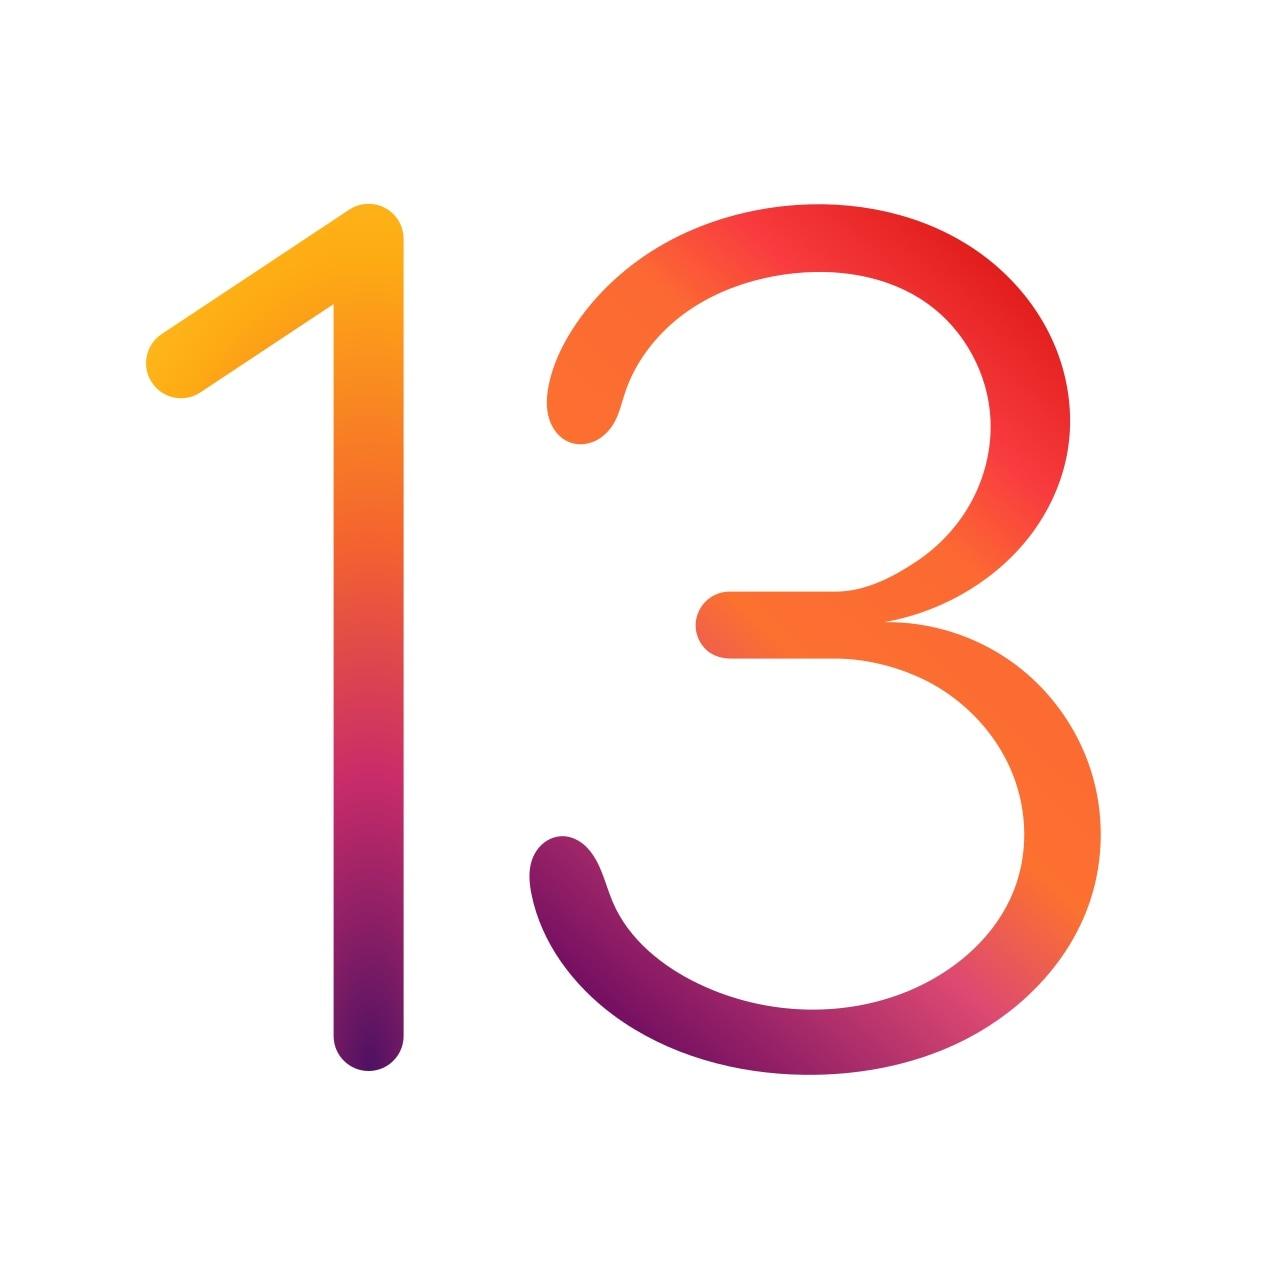 Apple    prestaňte sa prihlásiť na odber systému iOS 13.5.1 zastavenie downgradovania iOS 13.6 1